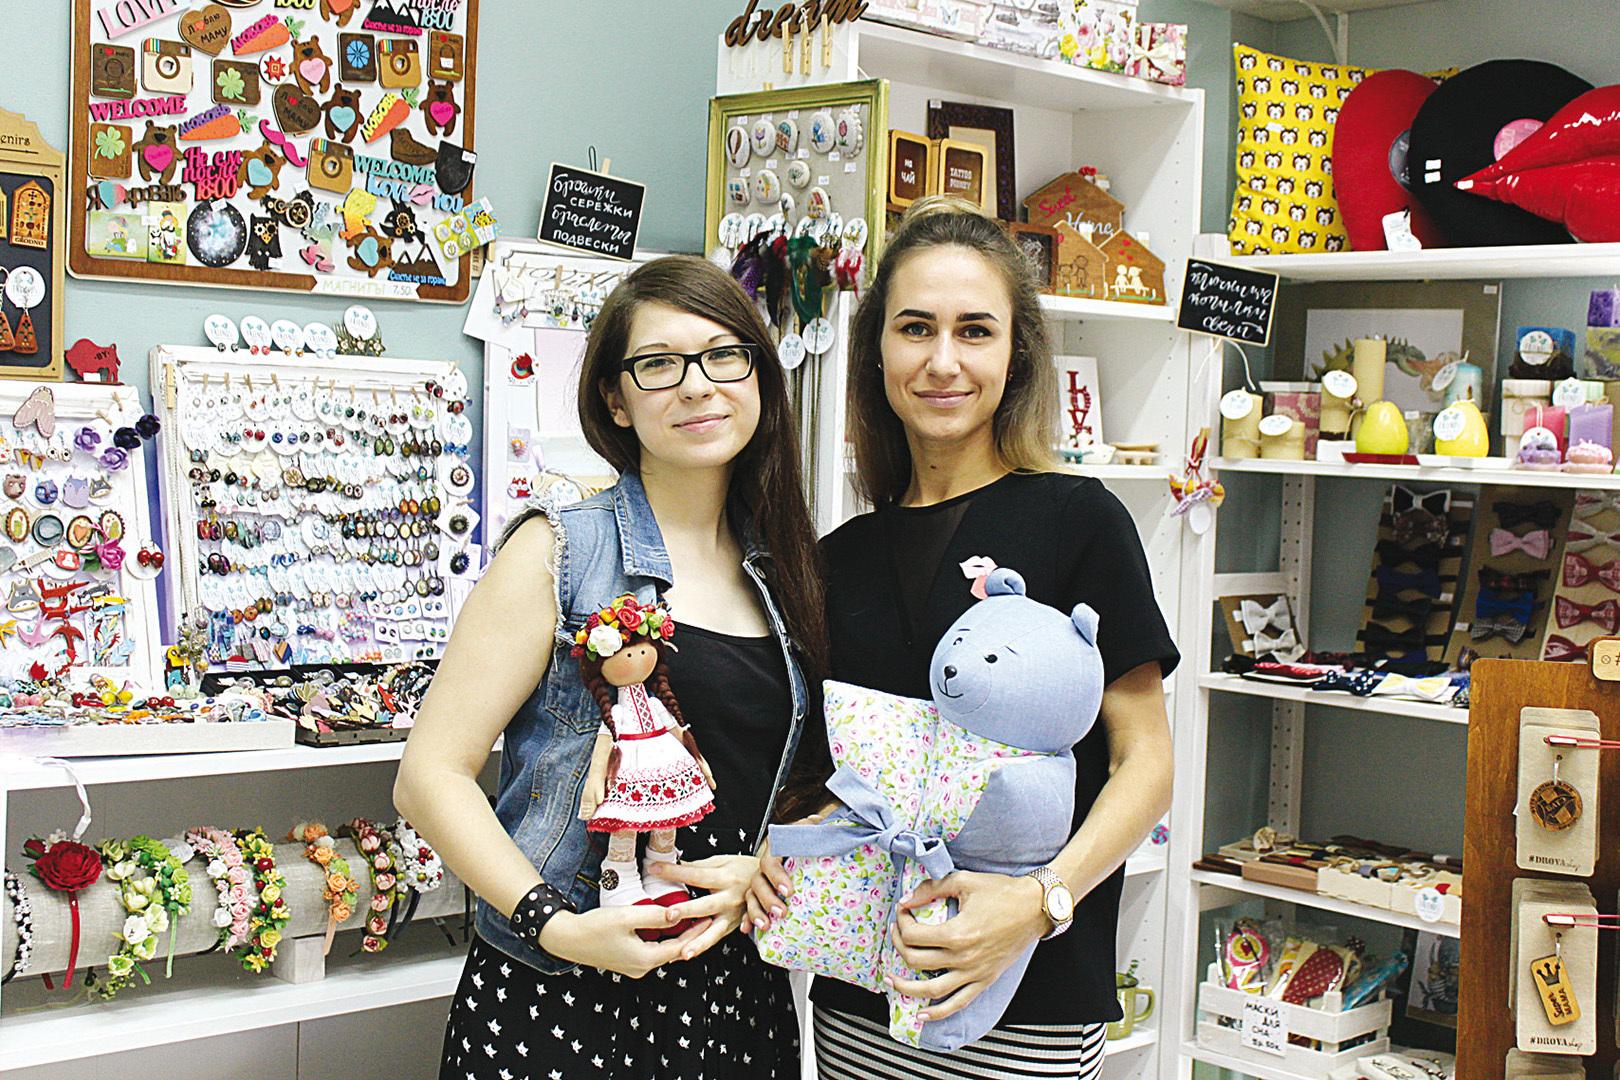 Подруги Катя (слева) и Оля мечтали о своем магазинчике еще со студенческих времен - и тогда же начали откладывать деньги. Фото: БЫК Юлия